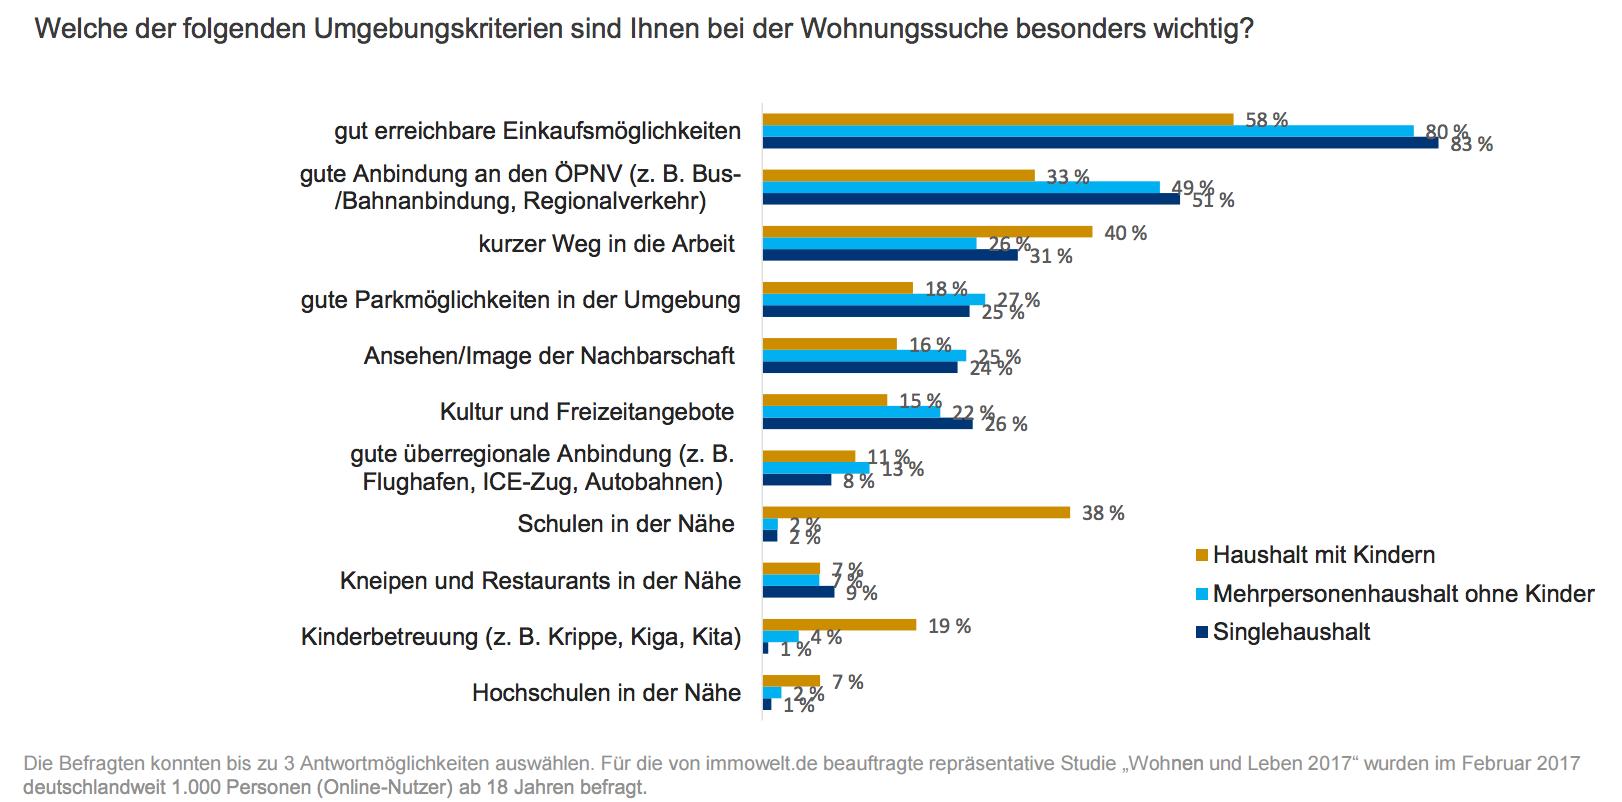 Bildschirmfoto-2017-03-08-um-20 07 24 in Wunsch-Wohnort: Die Top Drei Kriterien